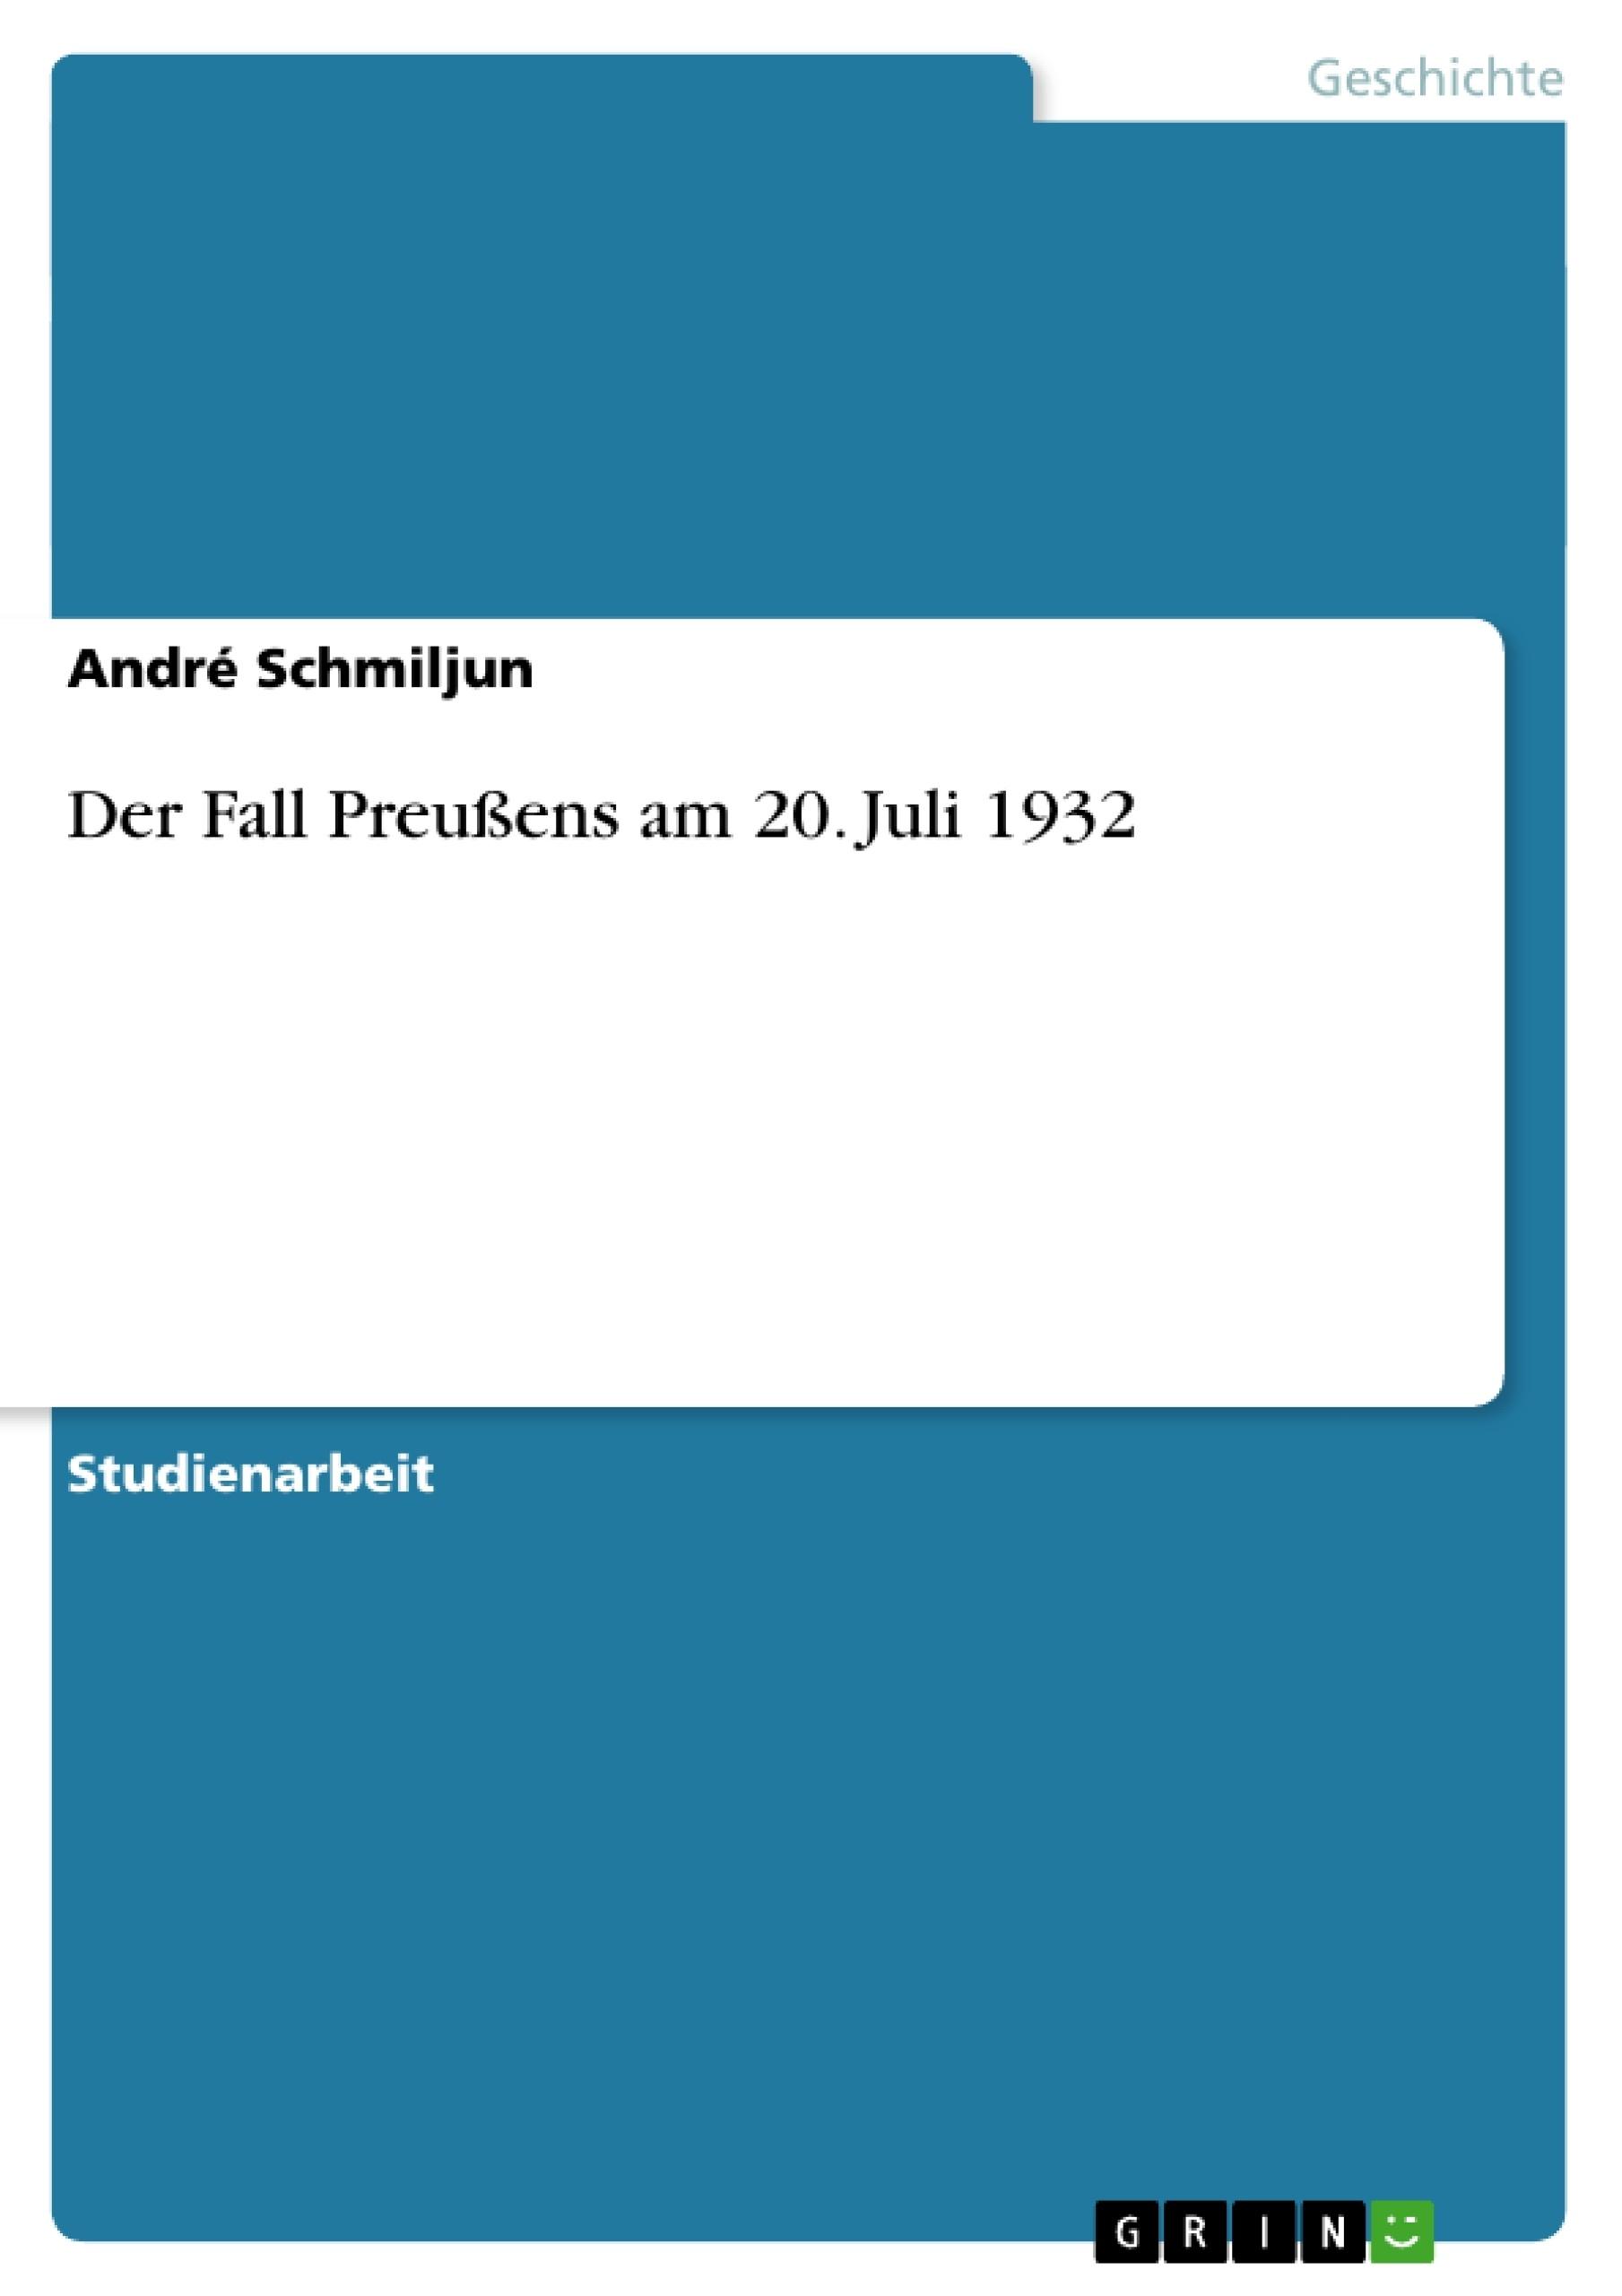 Titel: Der Fall Preußens am 20. Juli 1932